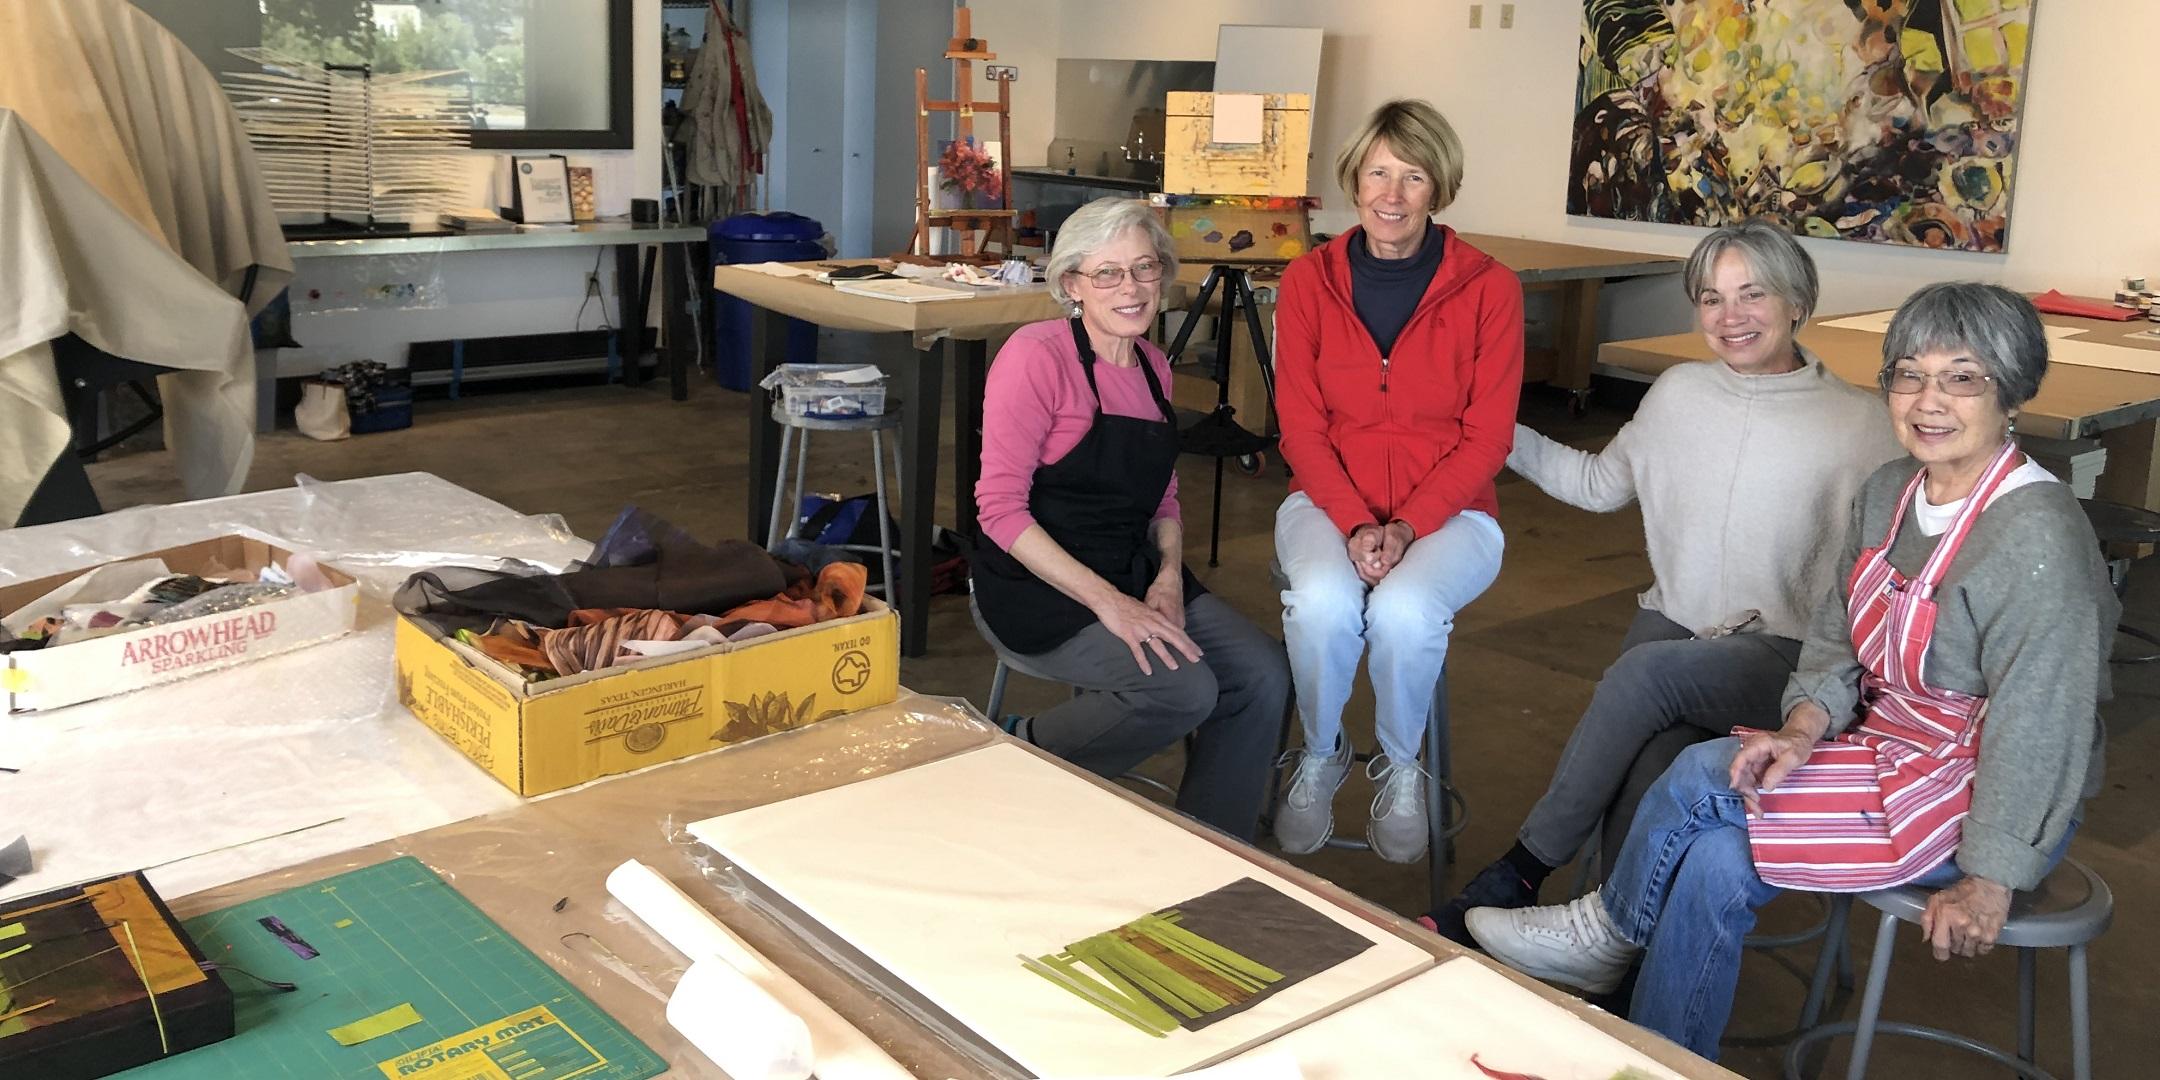 The Saint Helena Painters' Guild